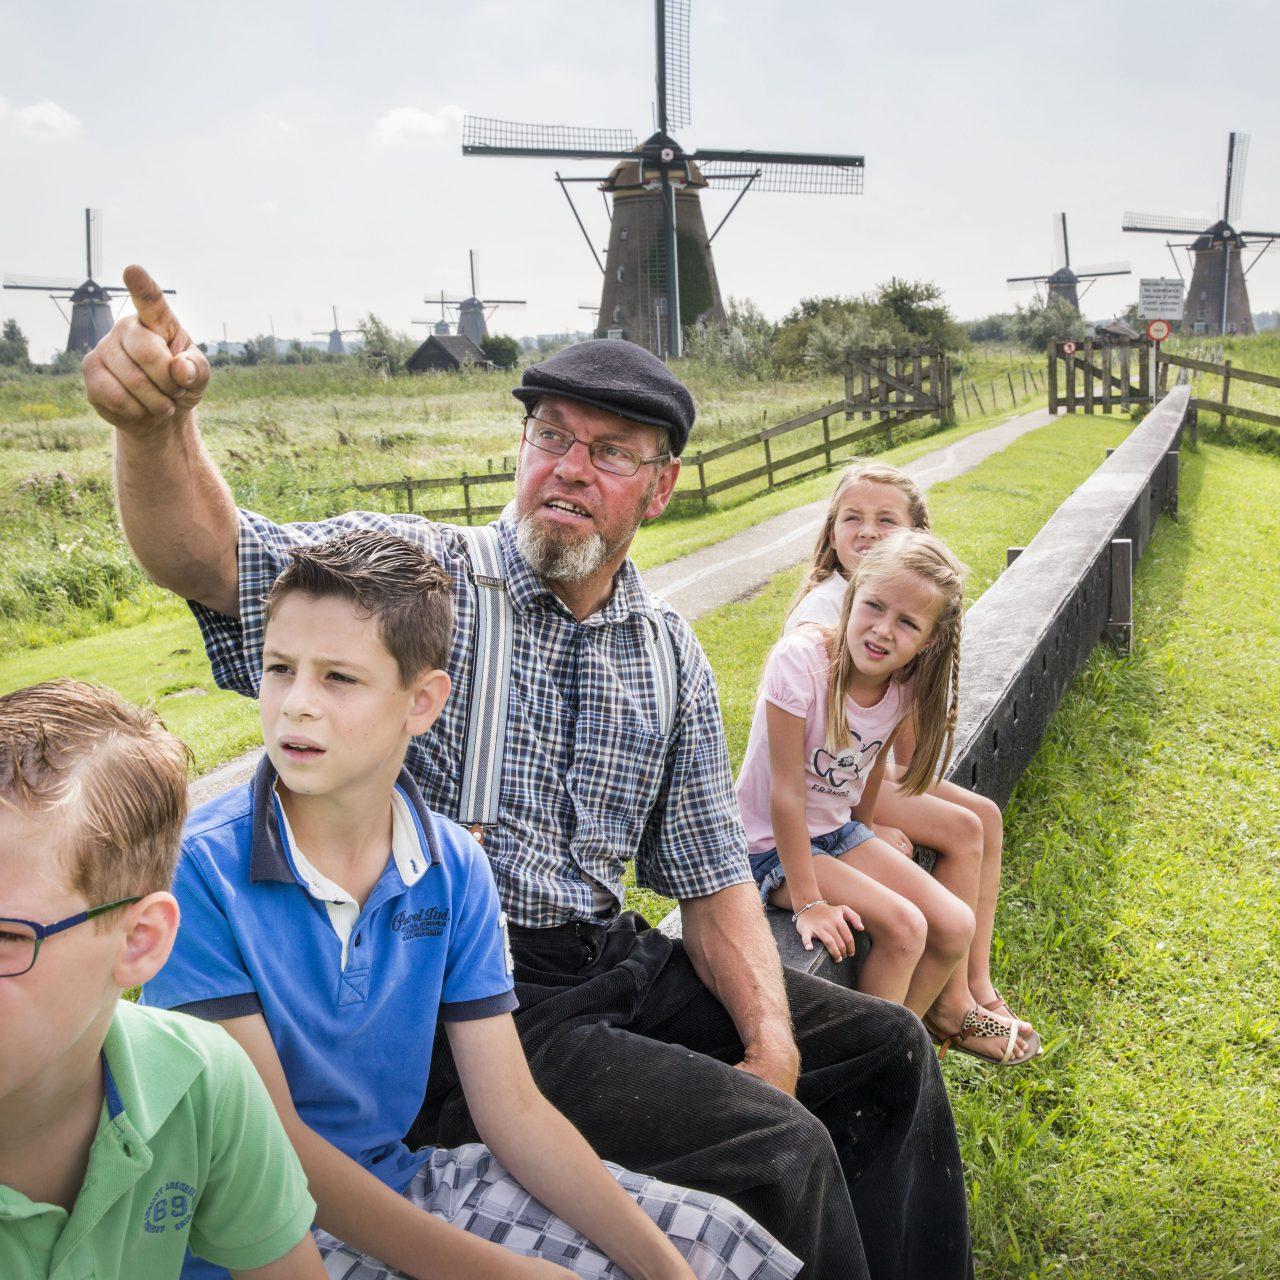 Kinderdijk - toerisme - molens - molenaar - kinderen